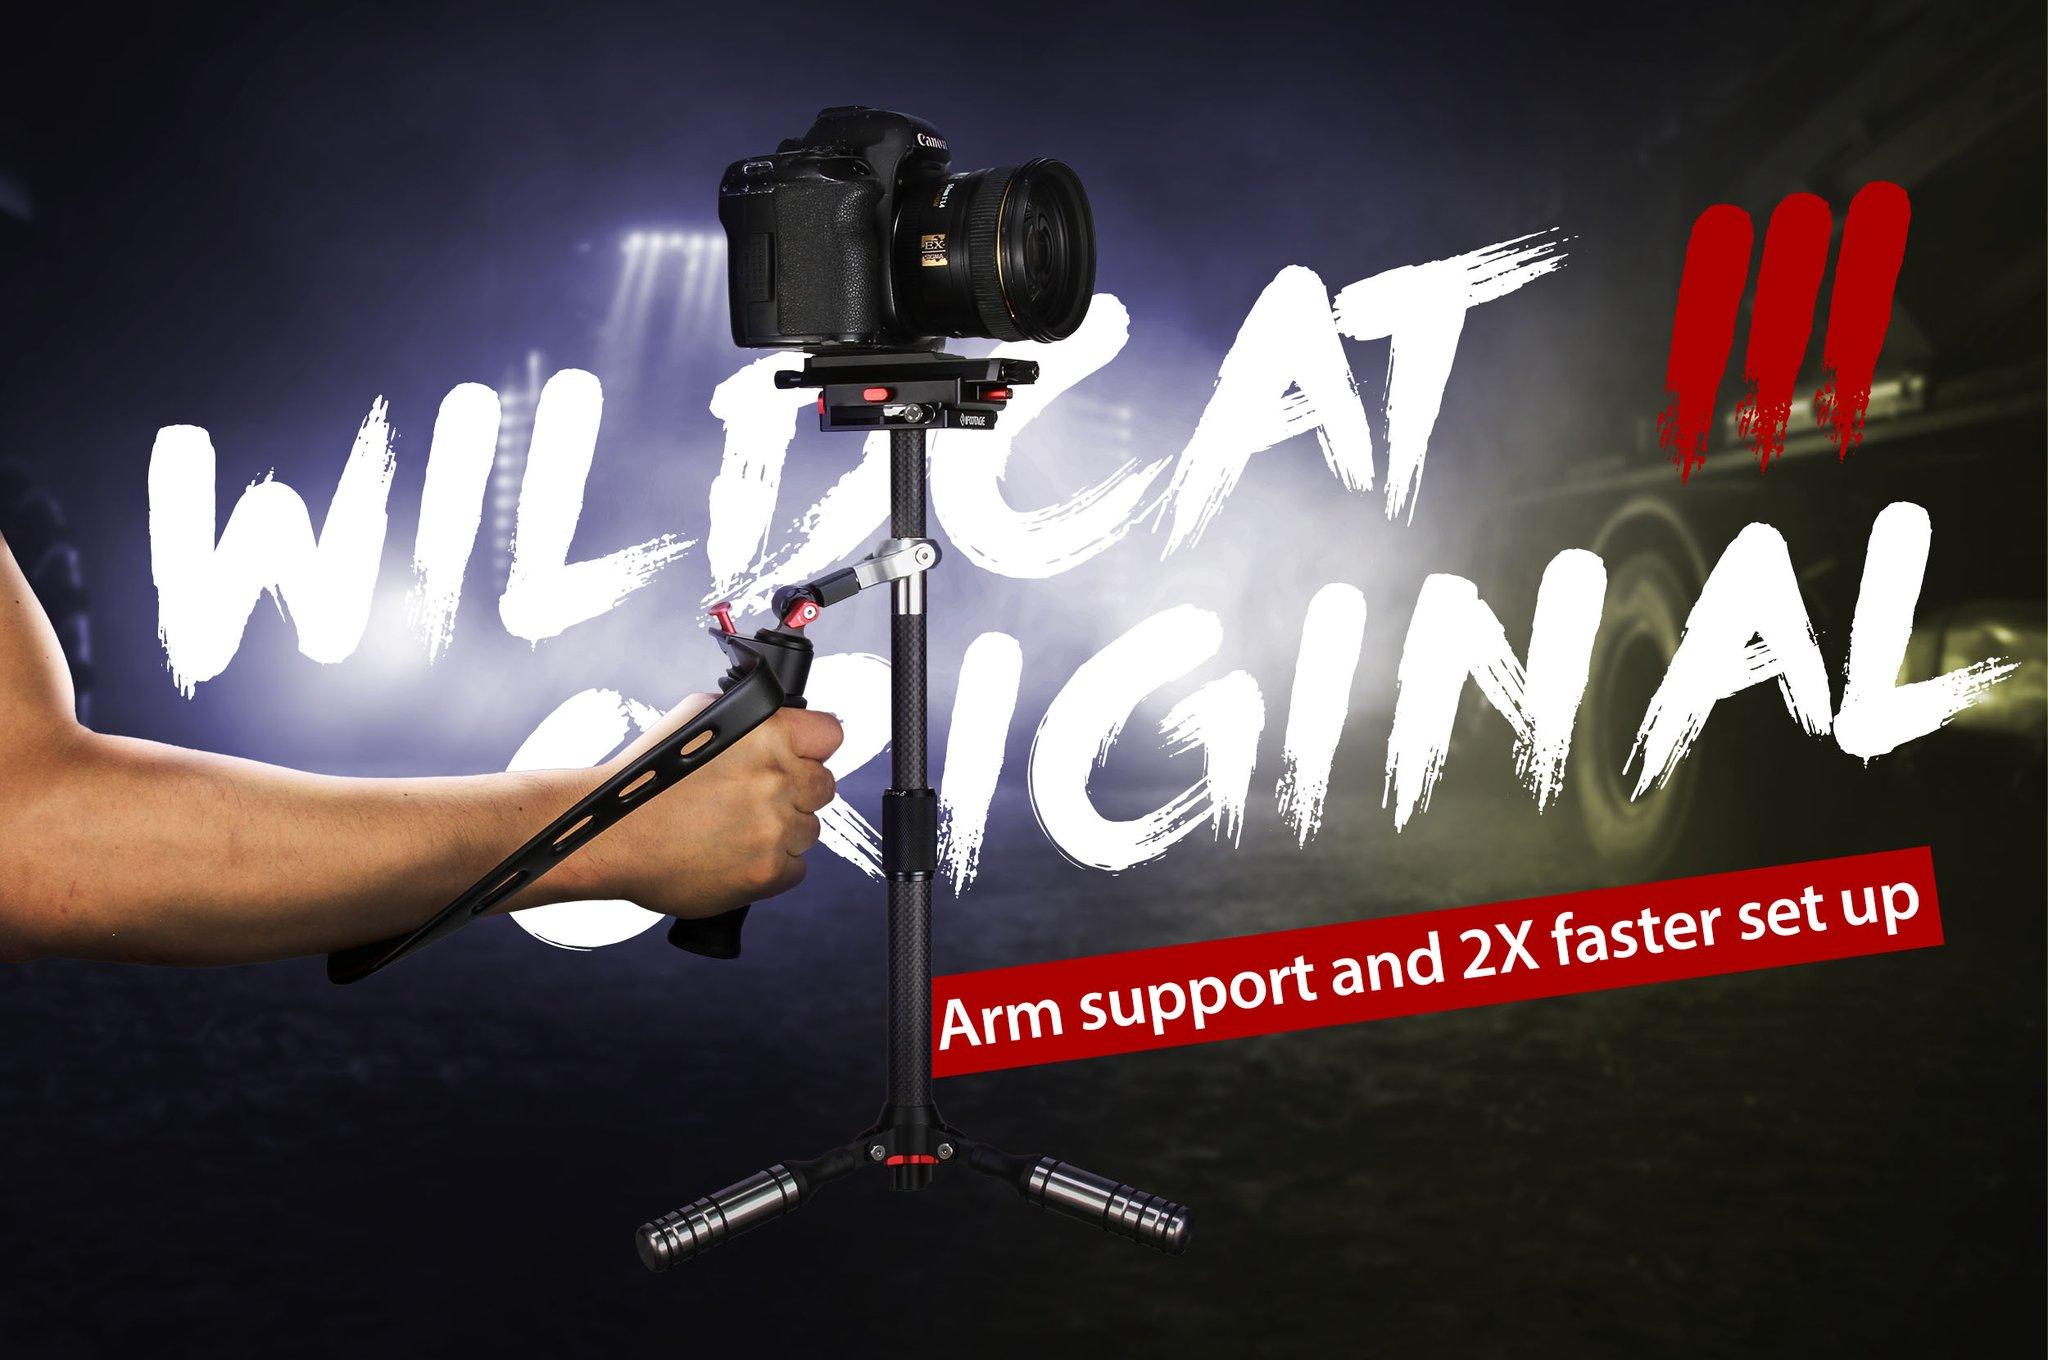 iFootage Wildcat III